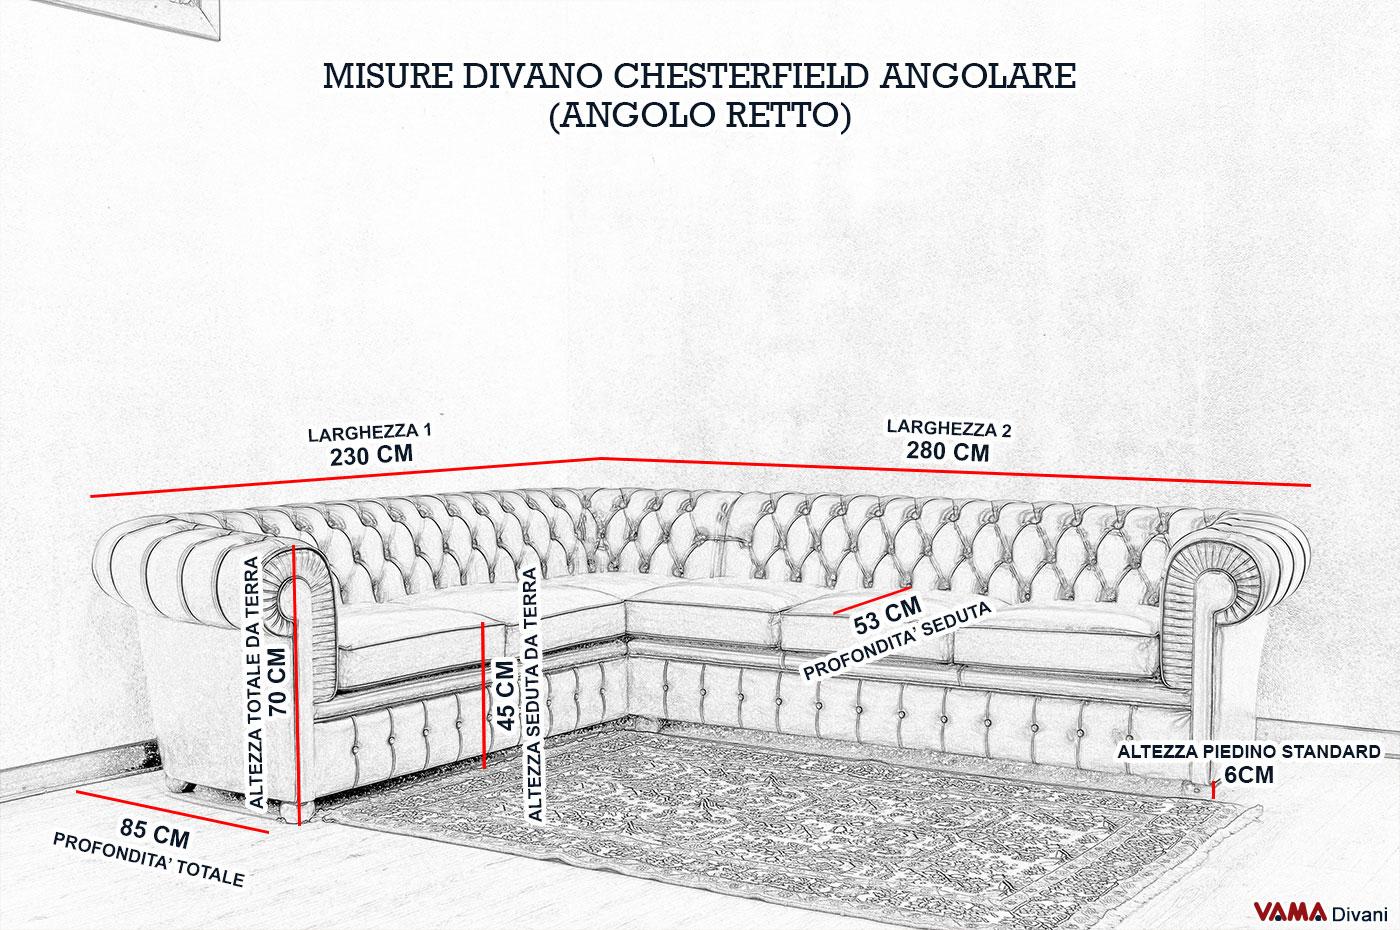 Divano chesterfield angolare prezzi e misura for Divano 4 posti dimensioni